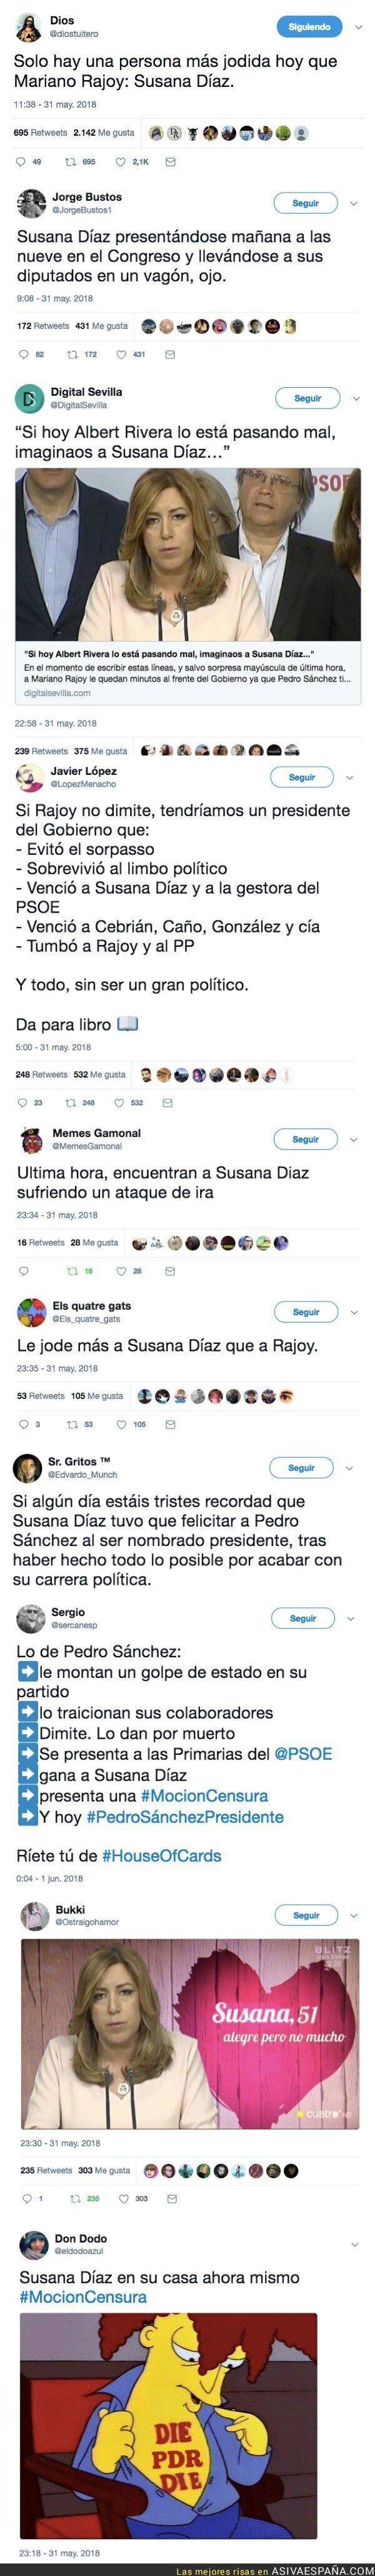 87725 - La persona más jodida porque Pedro Sánchez sea presidente del Gobierno y de la que todo el mundo se está acordando